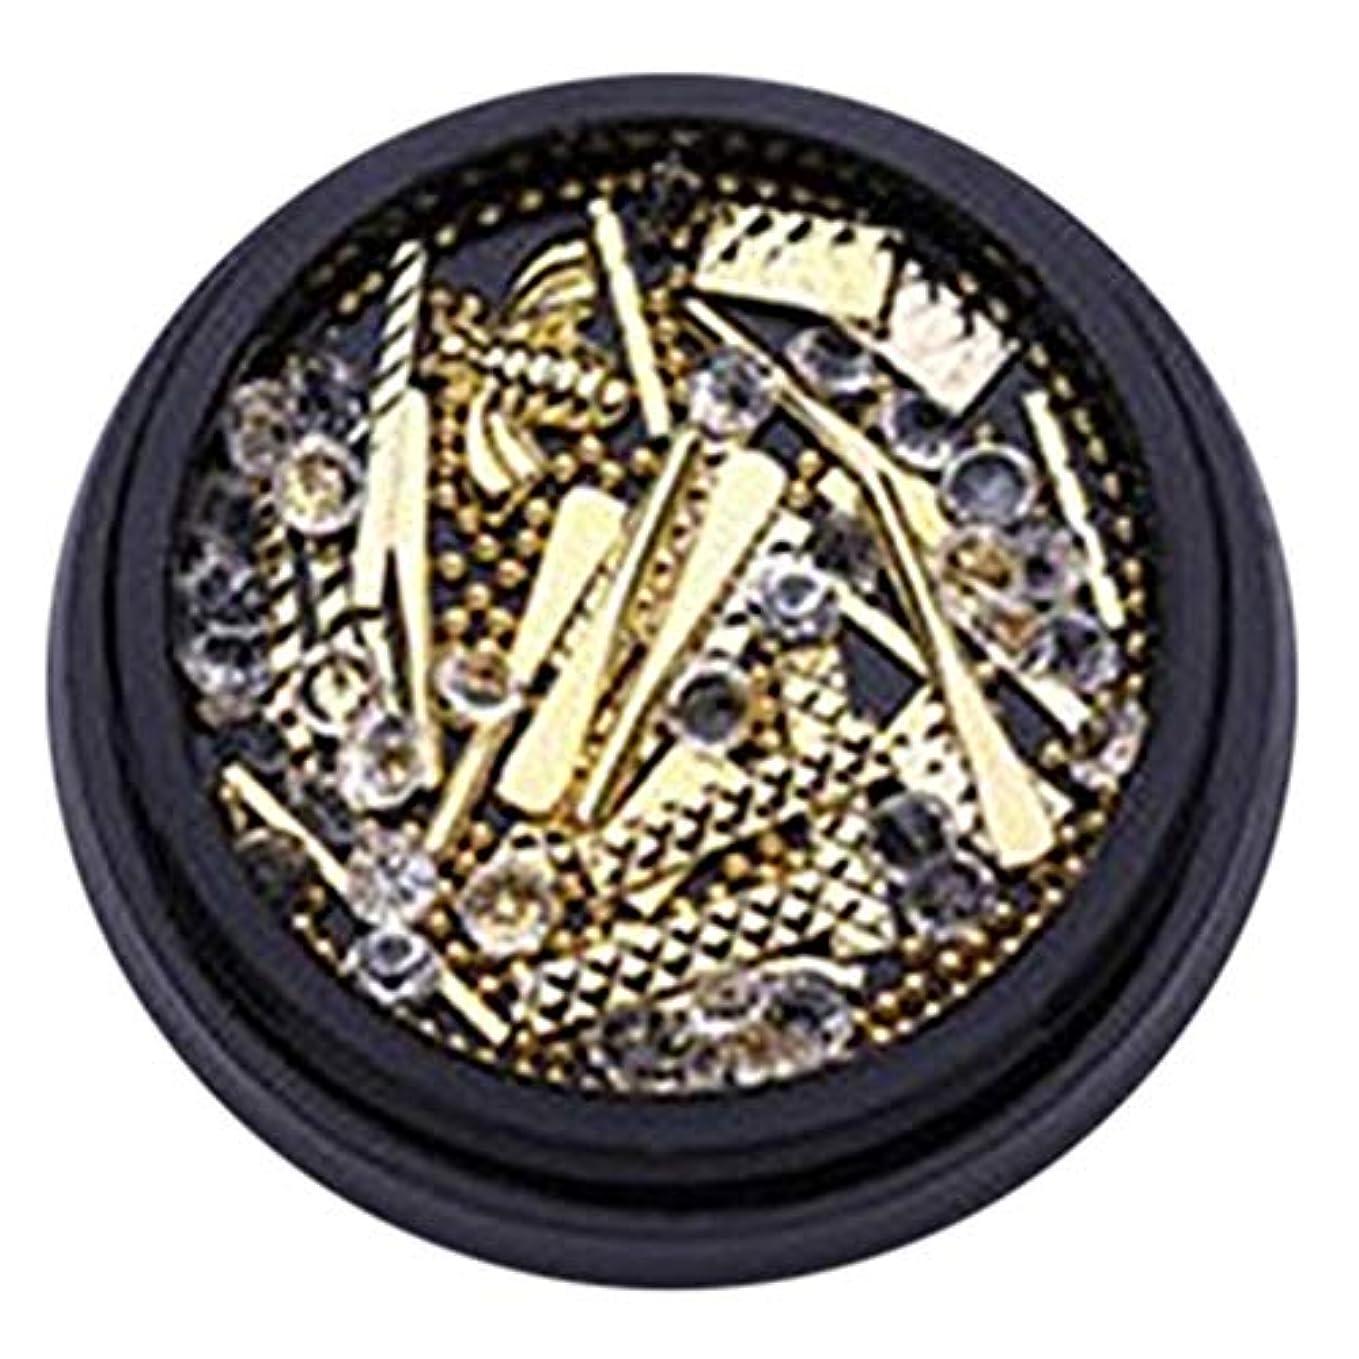 罰する準備する支給hamulekfae-和風可愛い人気ブラクケア金属バー長方形リベットネイルアート宝石ラインストーンデコレーションホイールDIYのヒント - ゴールデンGolden